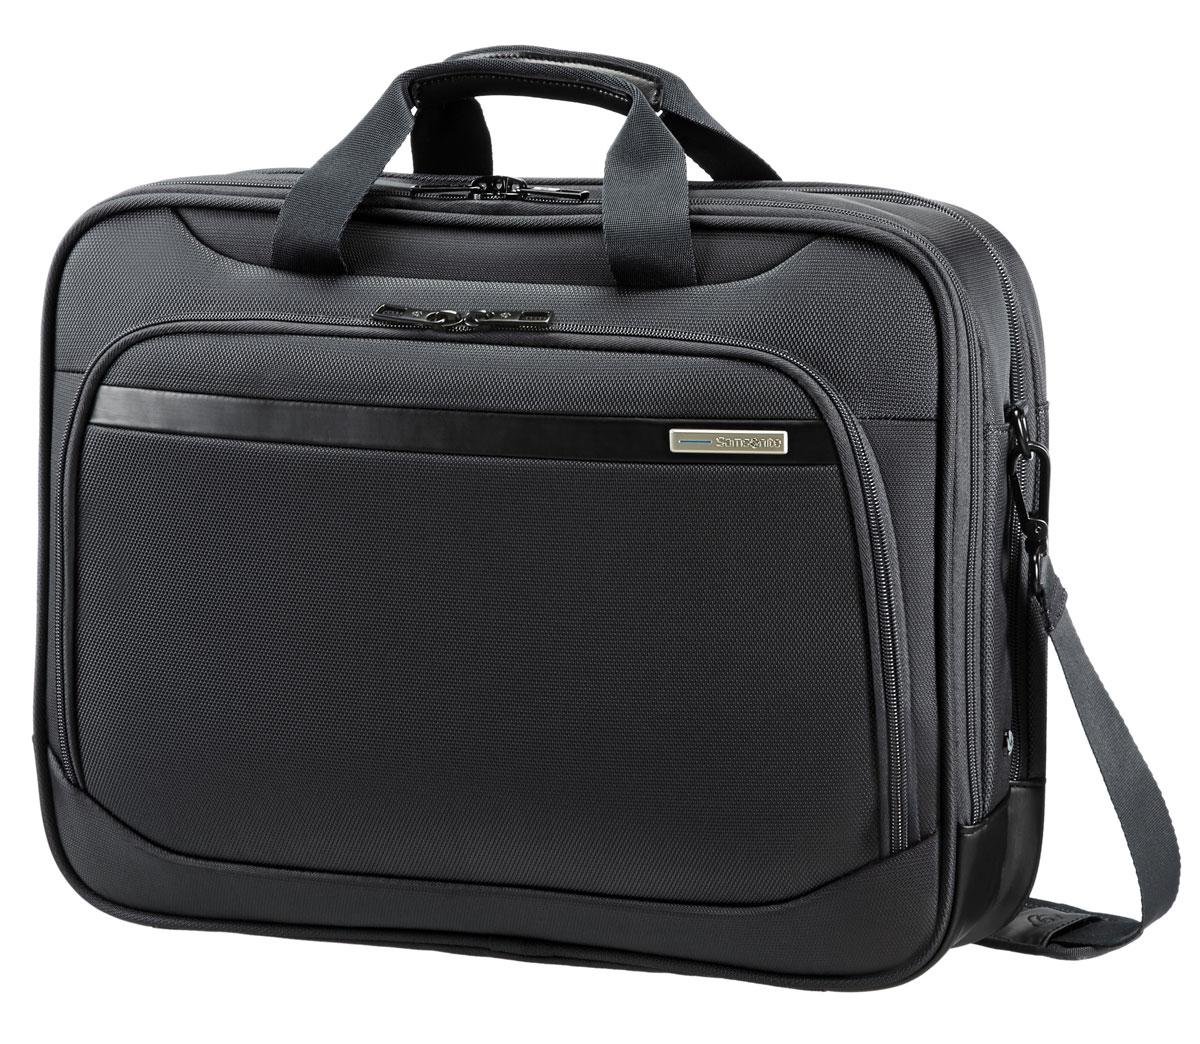 Сумка для ноутбука Samsonite GuardIt, цвет: черный, 45 х 34 х 20,5/24 см рюкзак для ноутбука samsonite guardit цвет серый 32 х 22 х 48 см